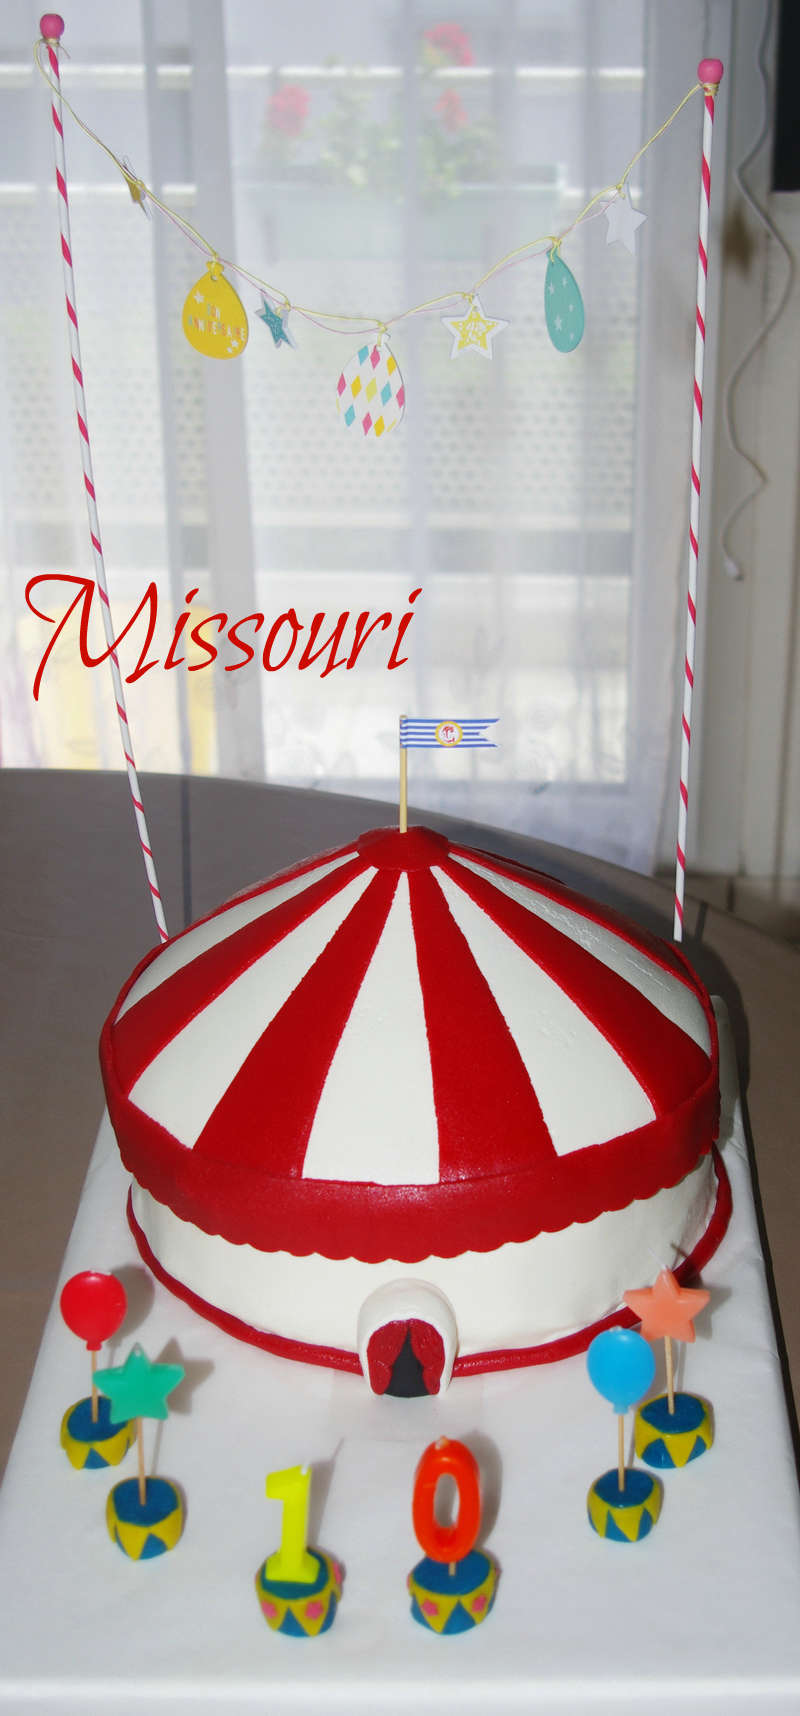 cirque et chapiteaux de cirque - Page 2 Imgp9710